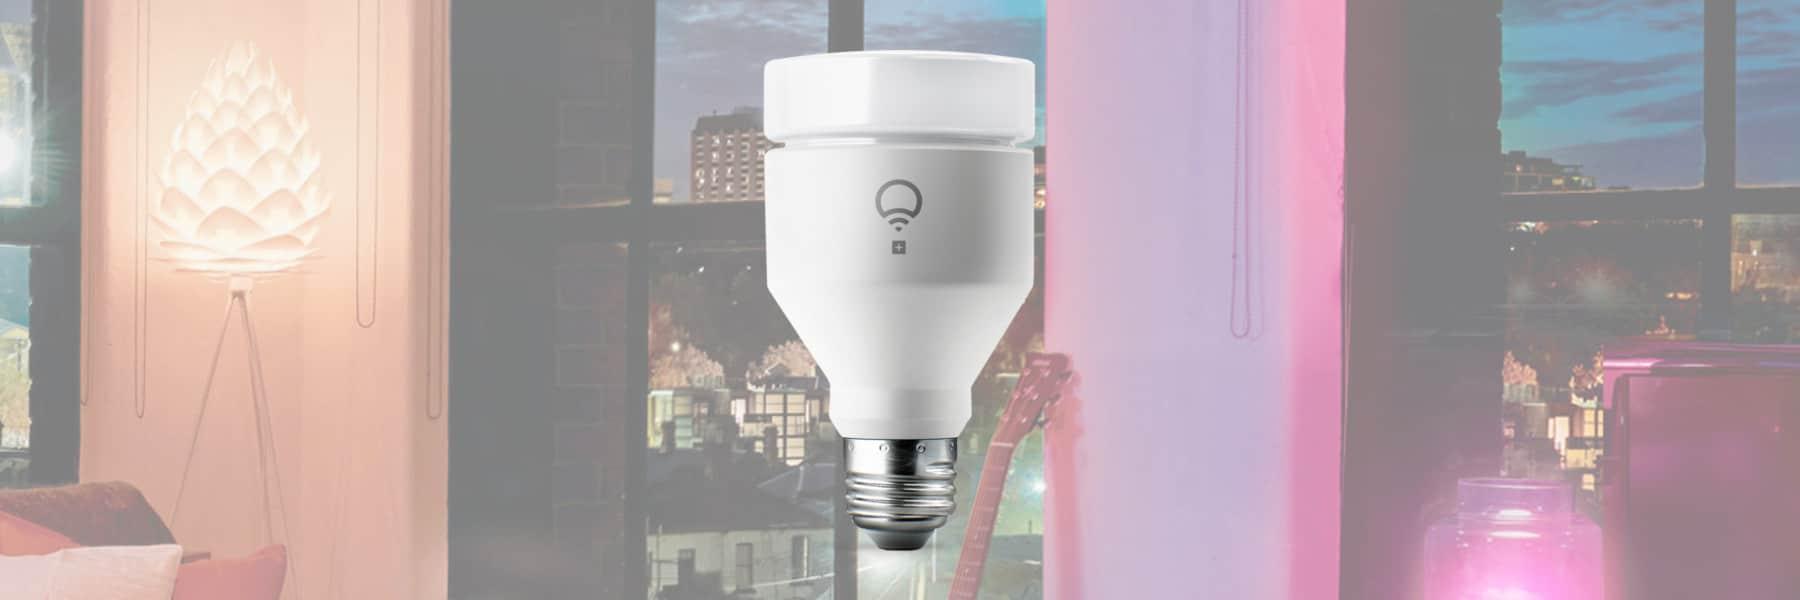 Schlaue Beleuchtung: LIFX erhält im Februar HomeKit Unterstützung